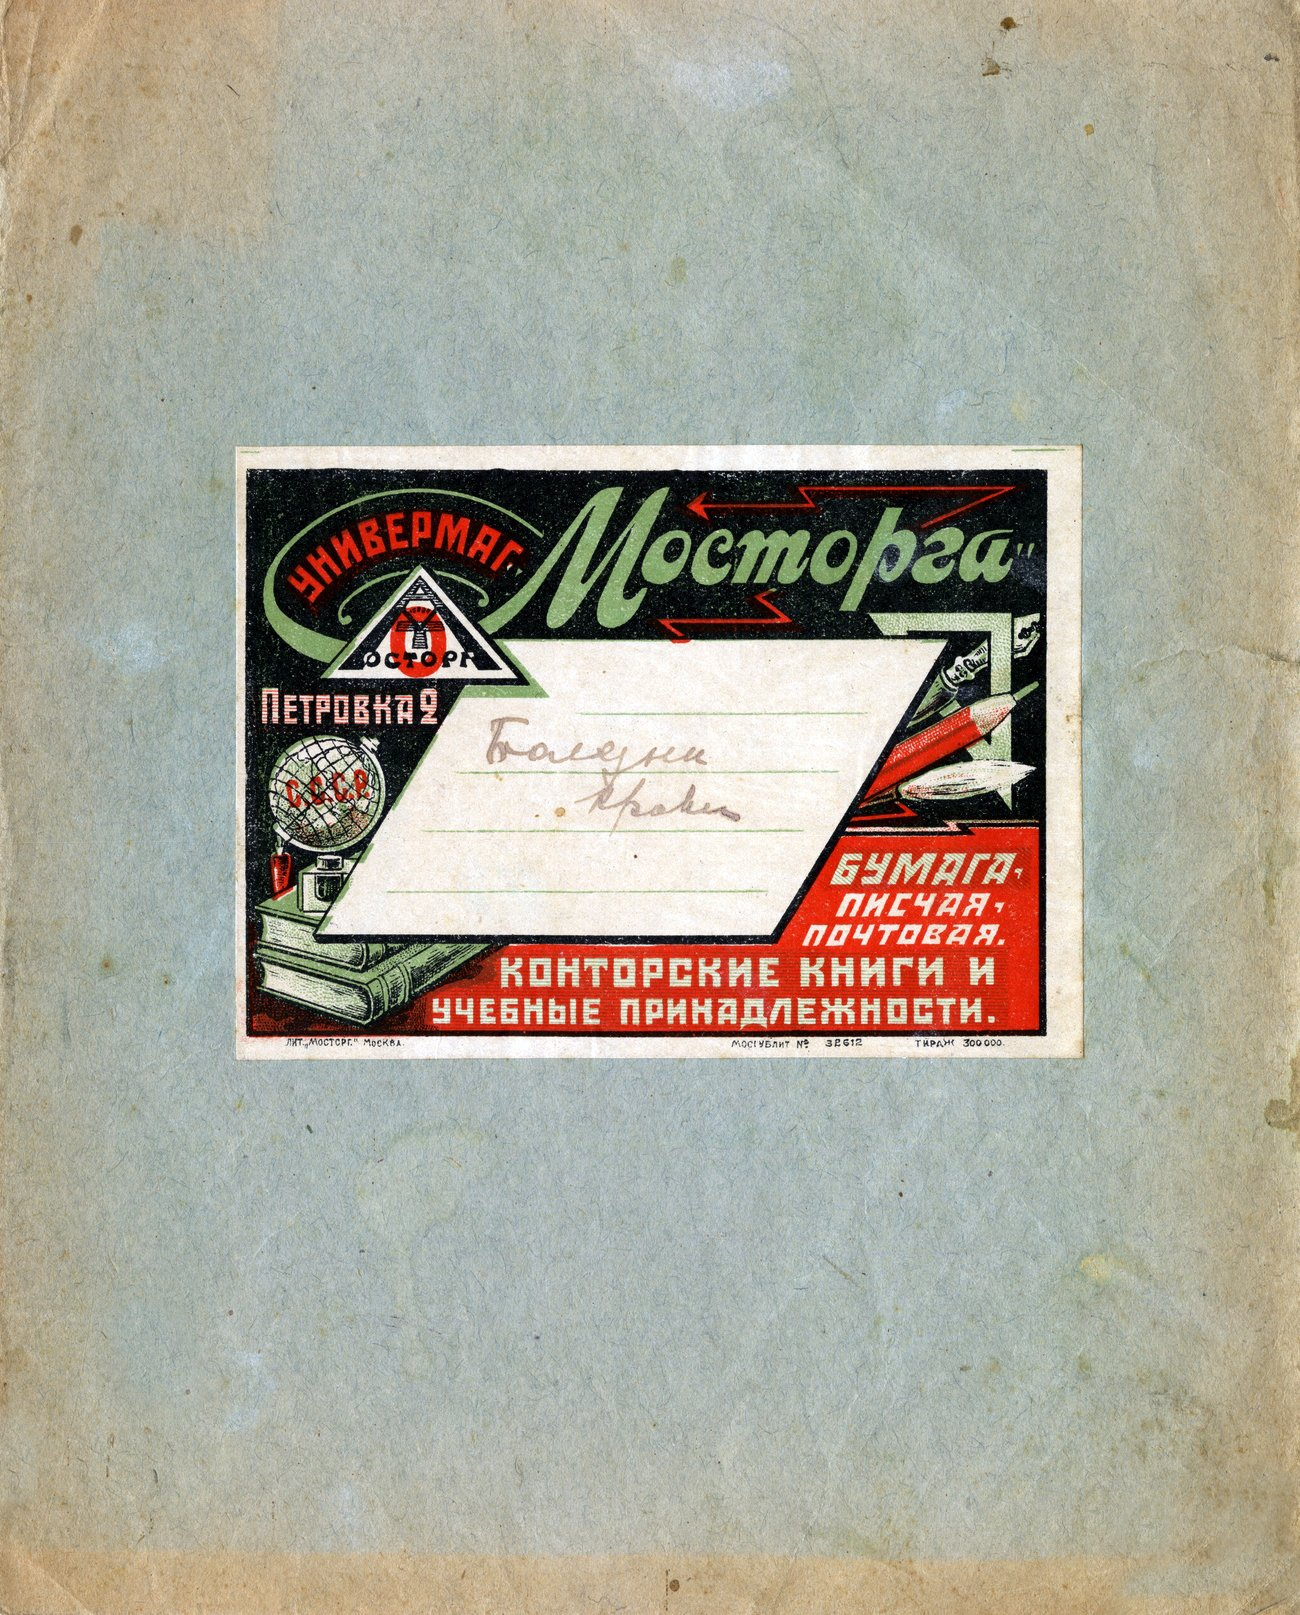 Тетрадь универмаг Мосторга, 175х215